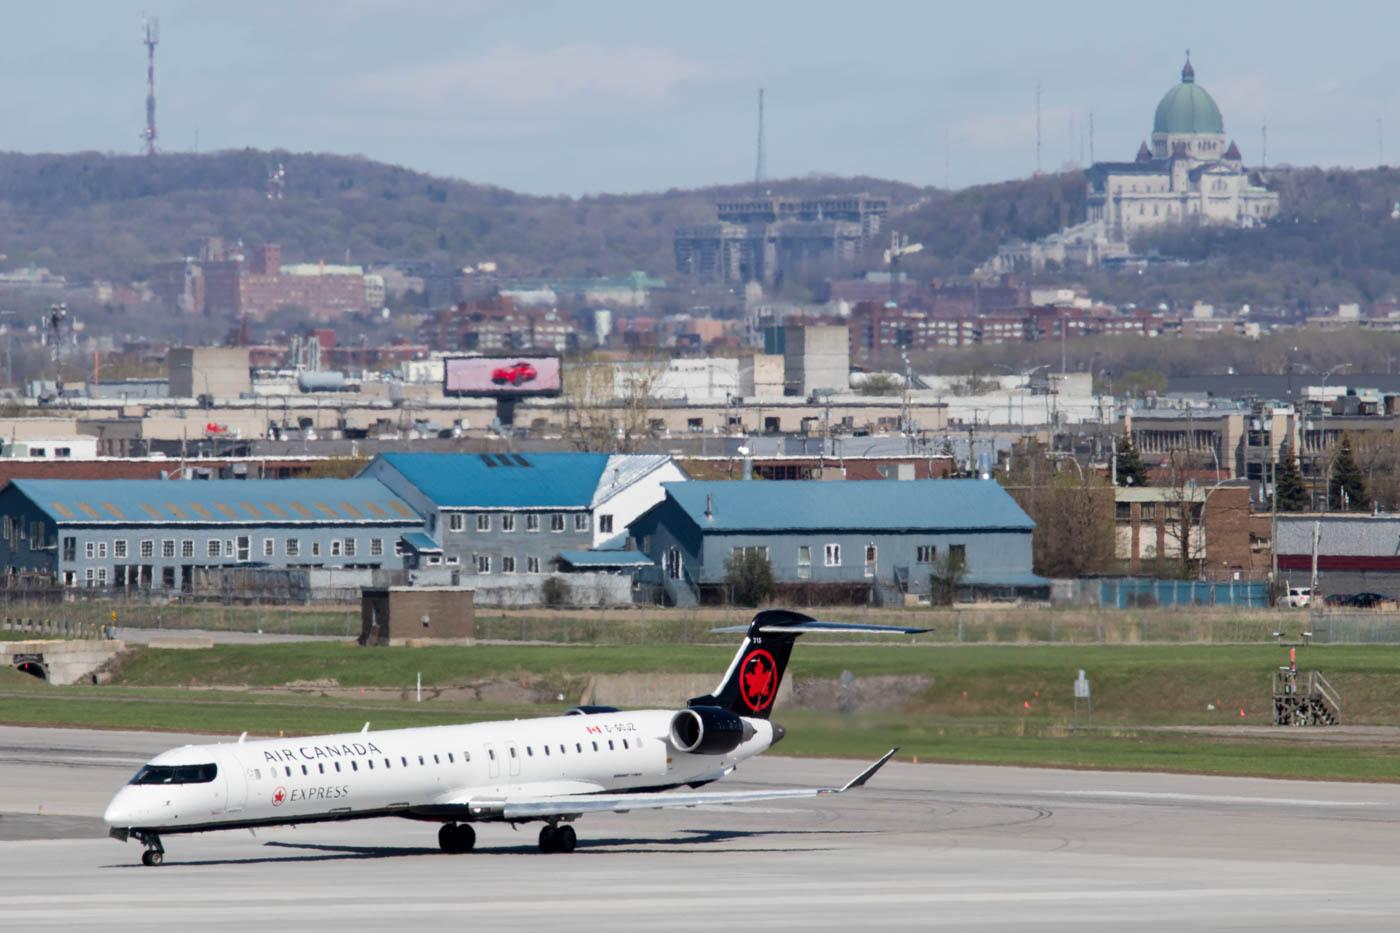 Air Canada Express CRJ